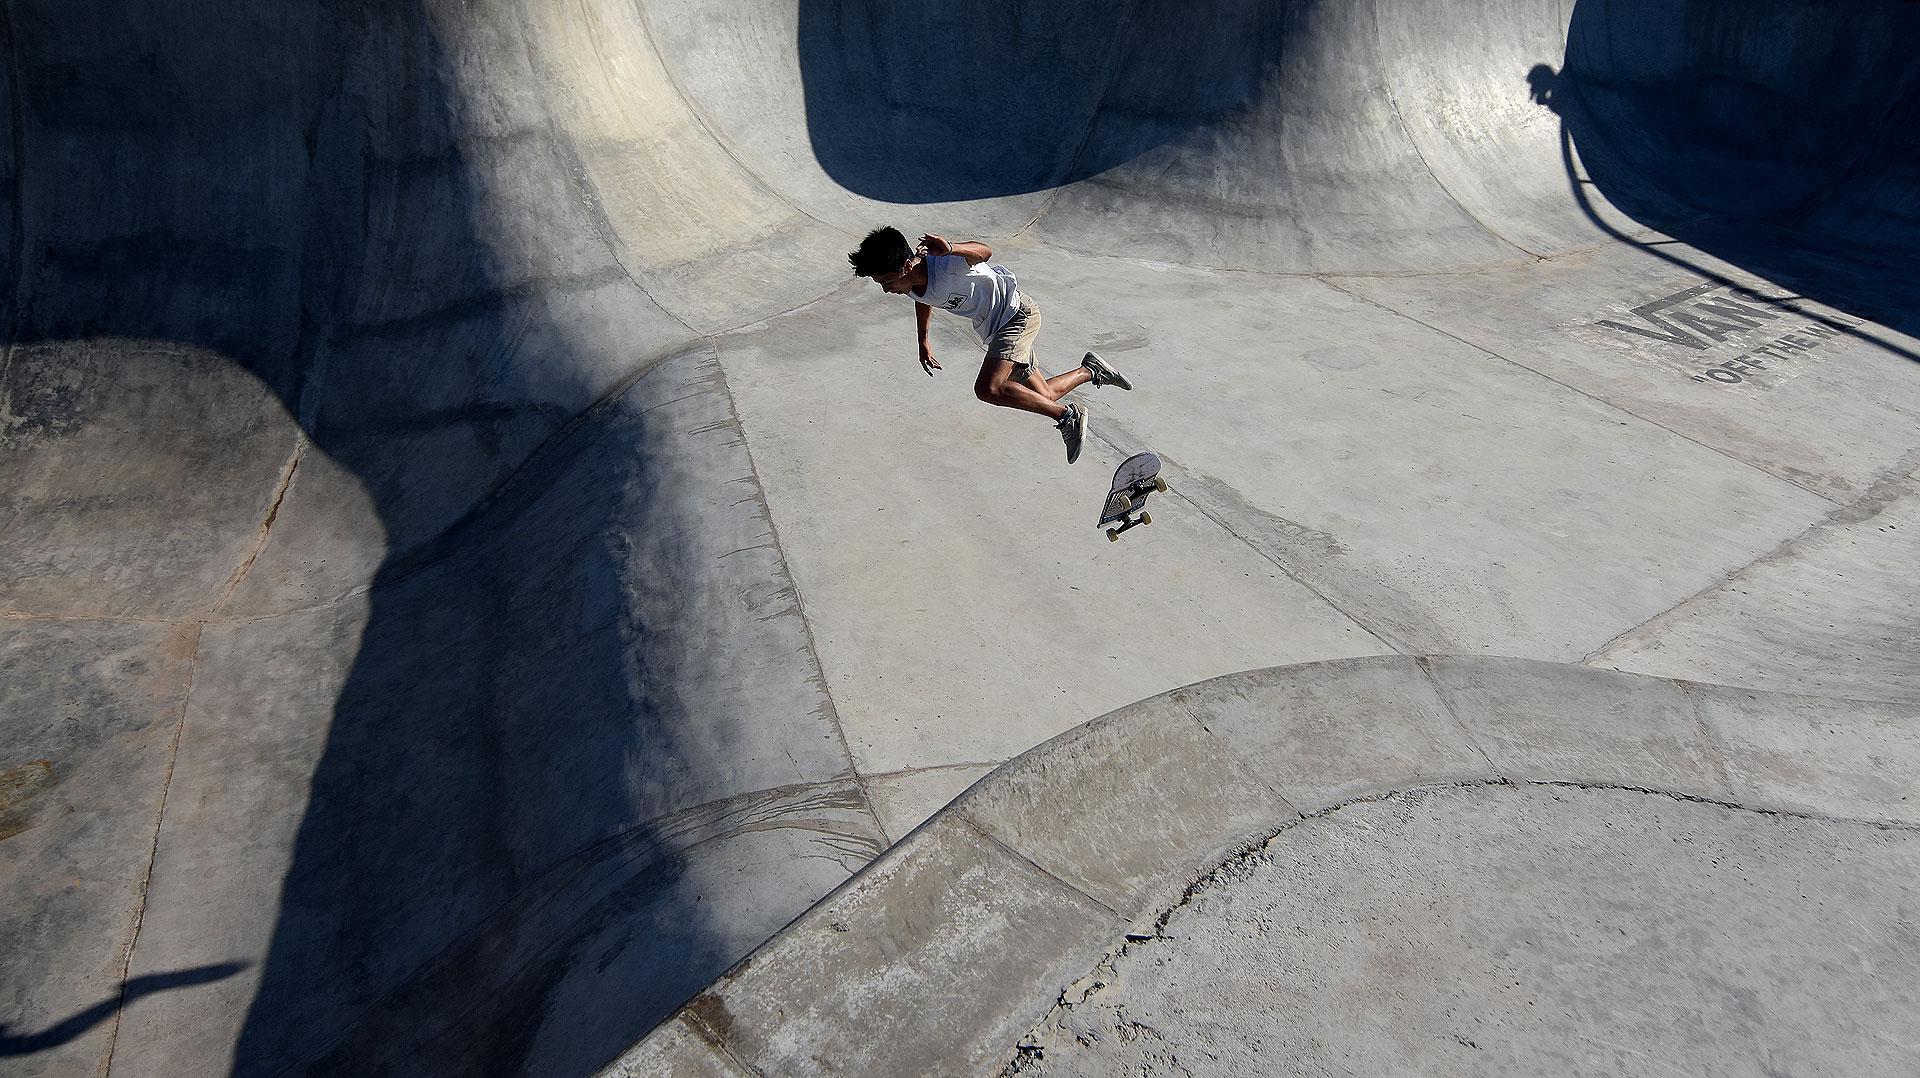 El parque de skate se suma a los cinco que ya existen en la Ciudad, en los barrios de Belgrano, Caballito, Mataderos, Palermo y Villa Lugano